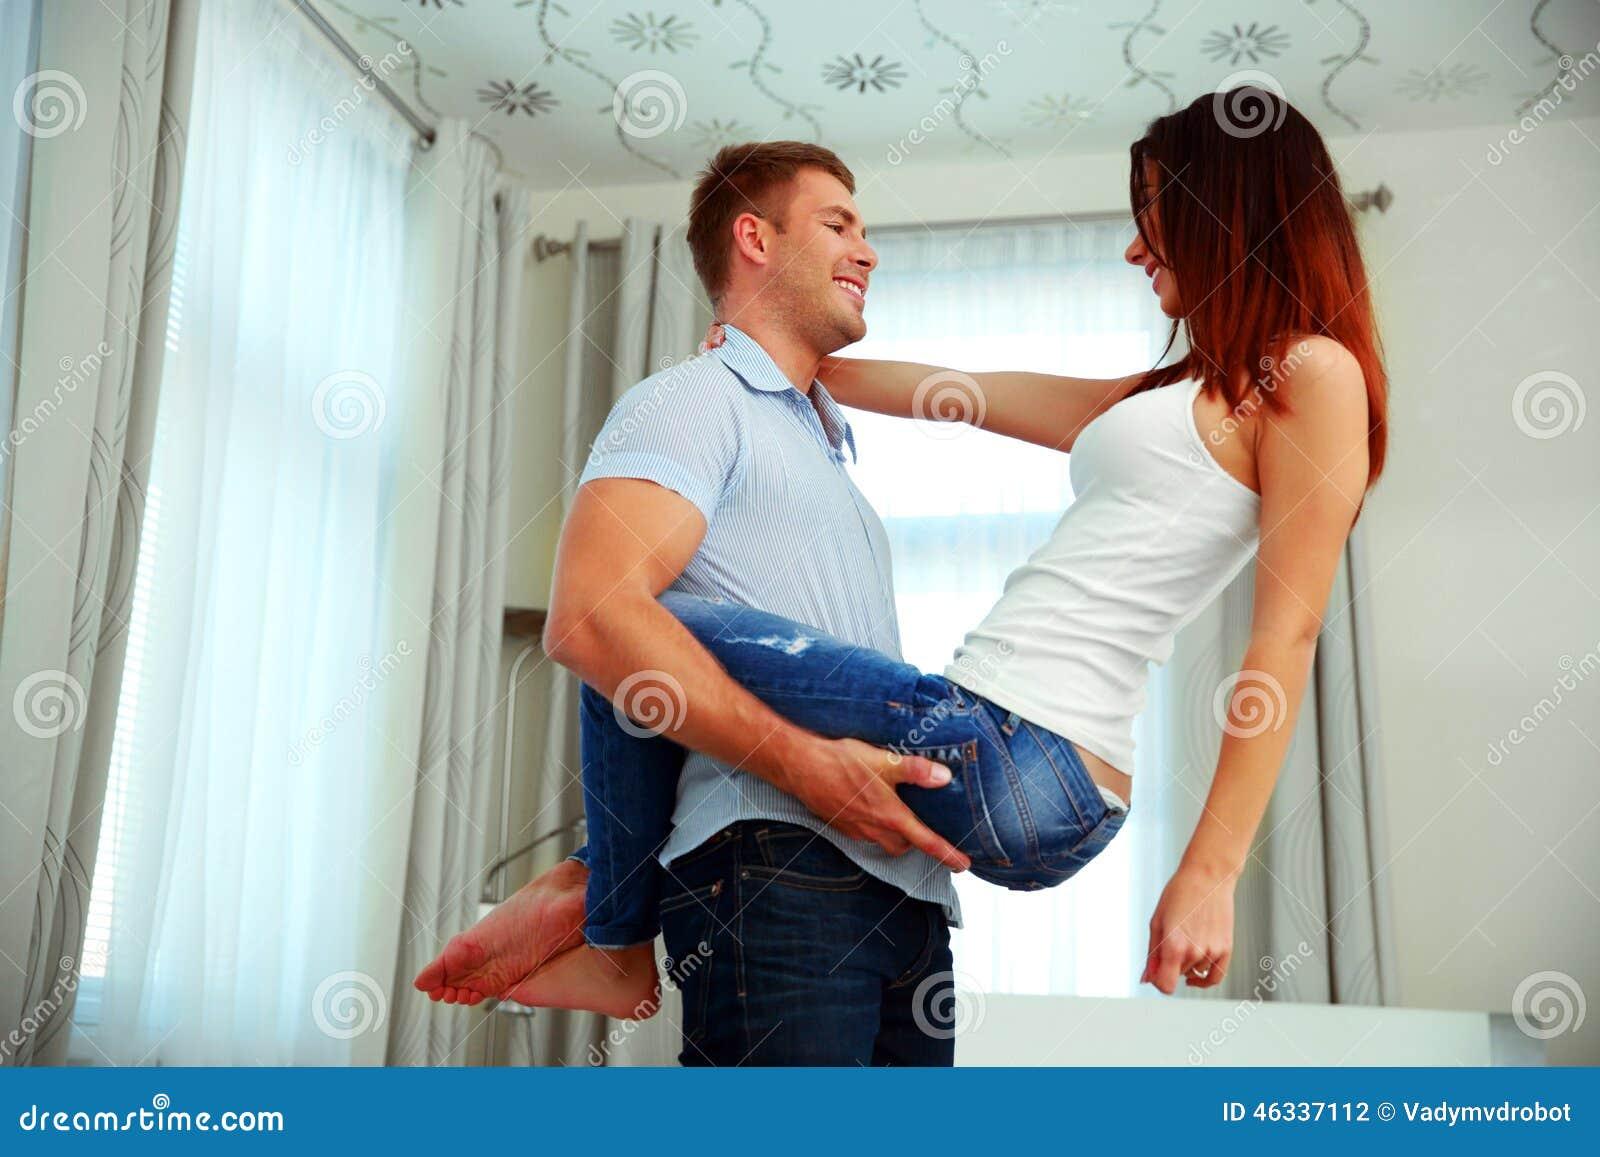 Трахнулась с другом парня, Трахнулась с другом парня порно фото бесплатно на 21 фотография